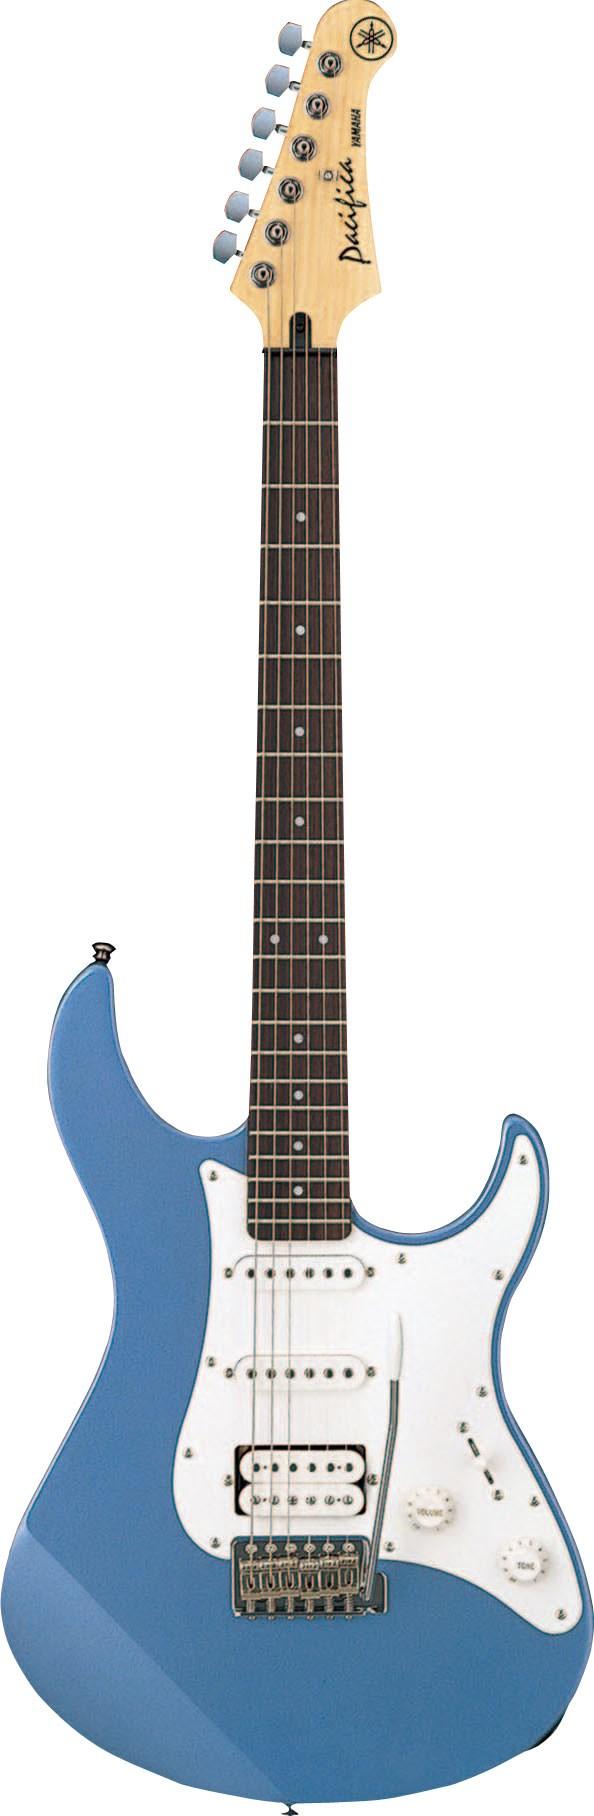 Đàn Electric guitar PACIFICA112J màu xanh